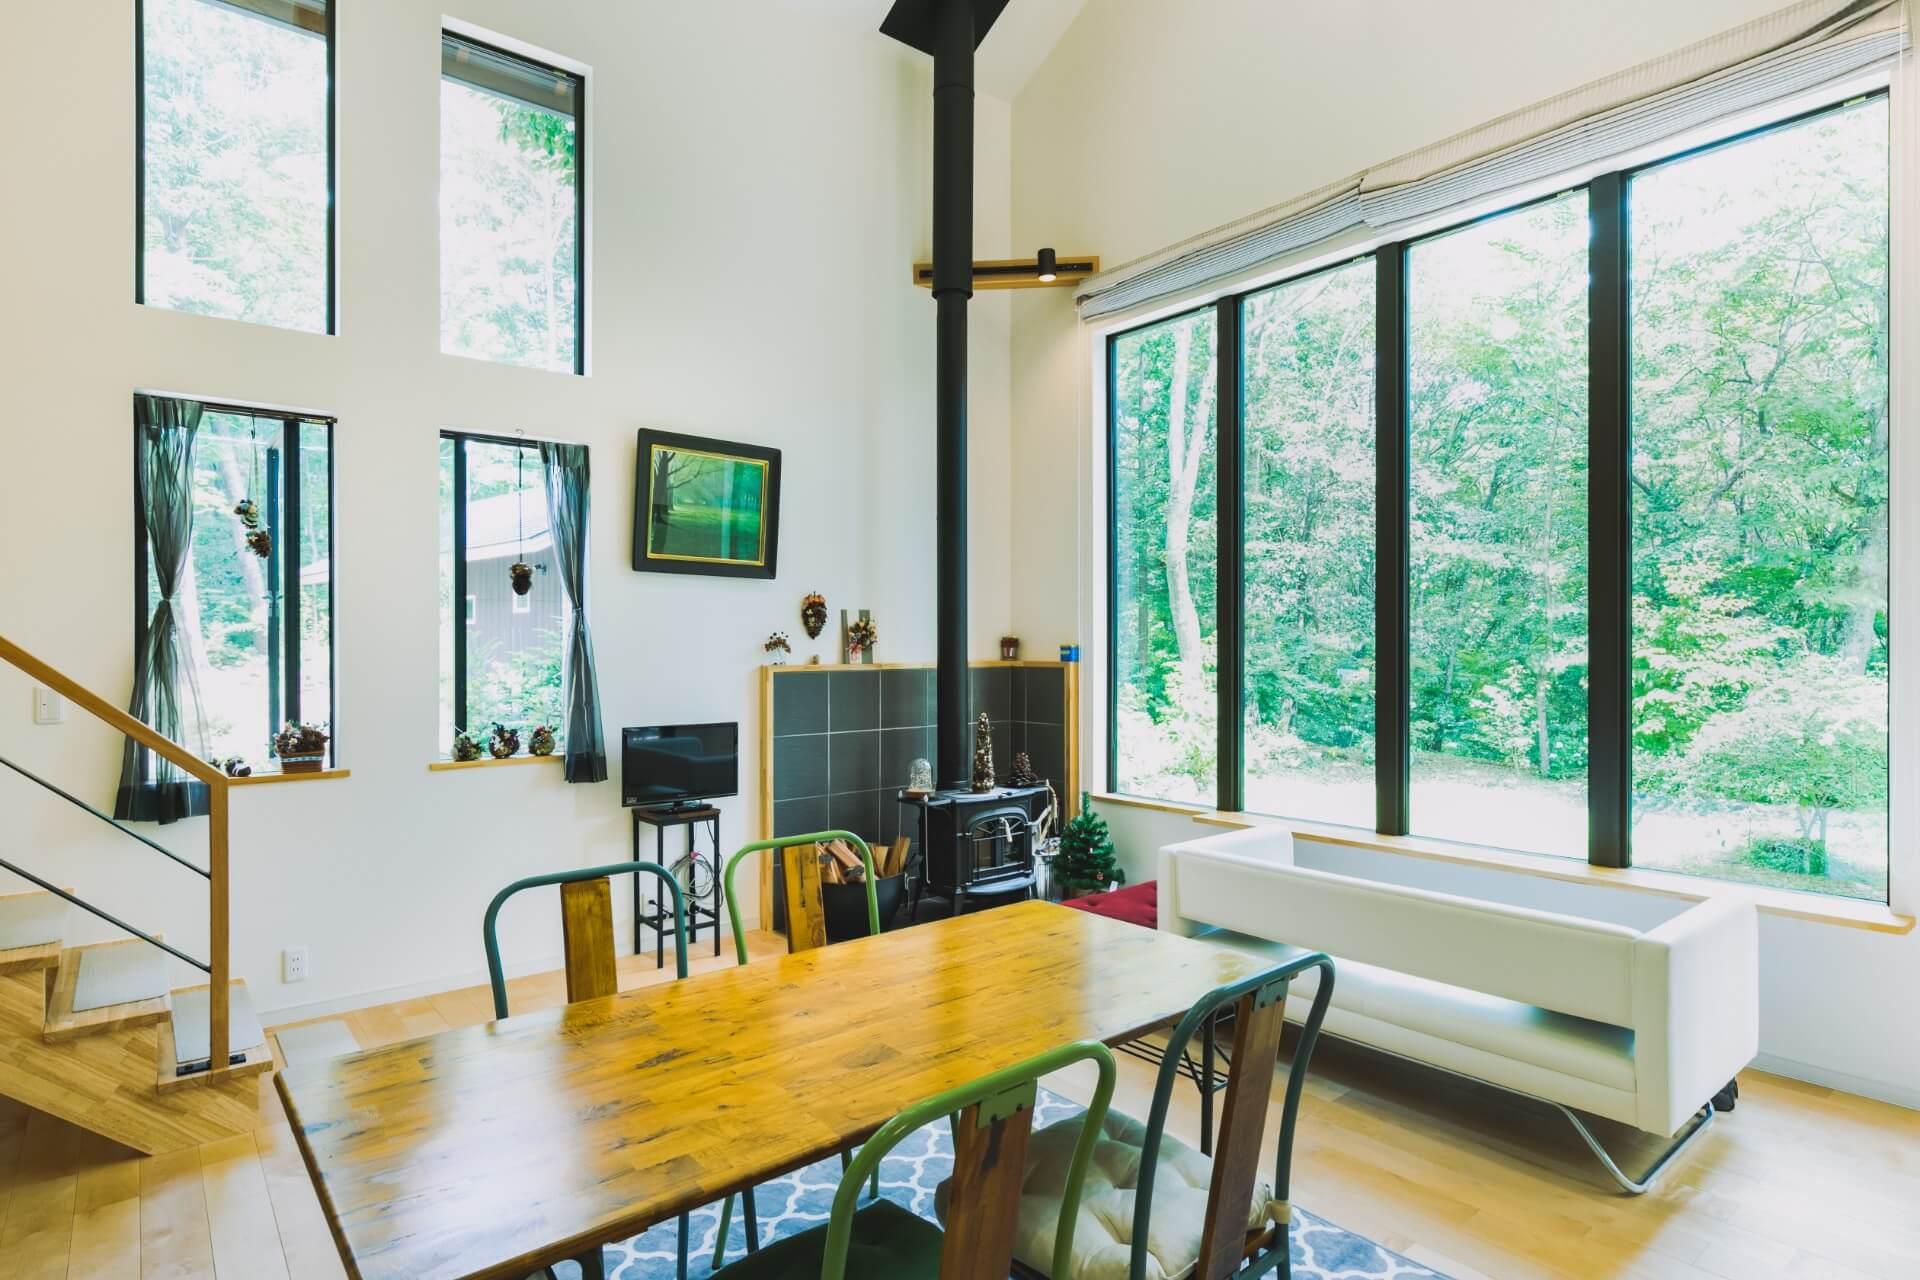 軽井沢の豊かな緑が楽しめるよう窓を大きくとった、開放的で明るいリビング